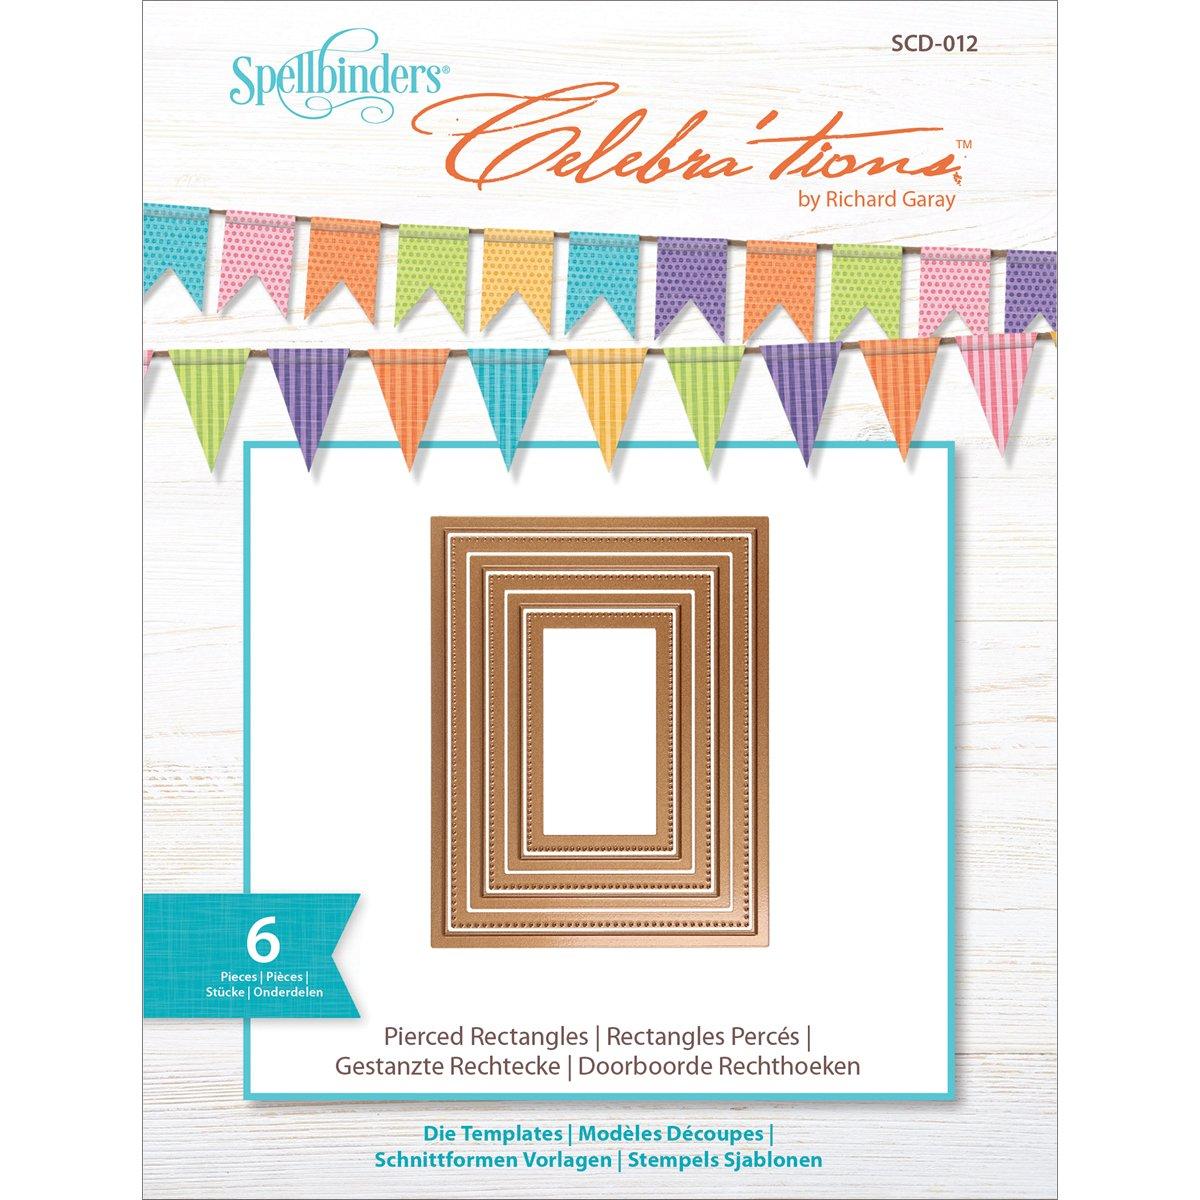 Spellbinders Celebrations Metal Paper Cutting Die Template, Pierced Rectangles (Set of 6)-SCD-012